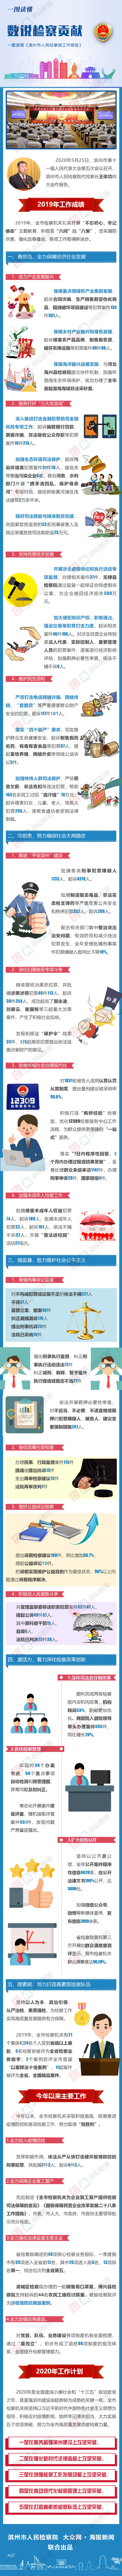 [大众报业·海报新闻]| 一图读懂《滨州市人民检察院工作报告》,数说检察贡献